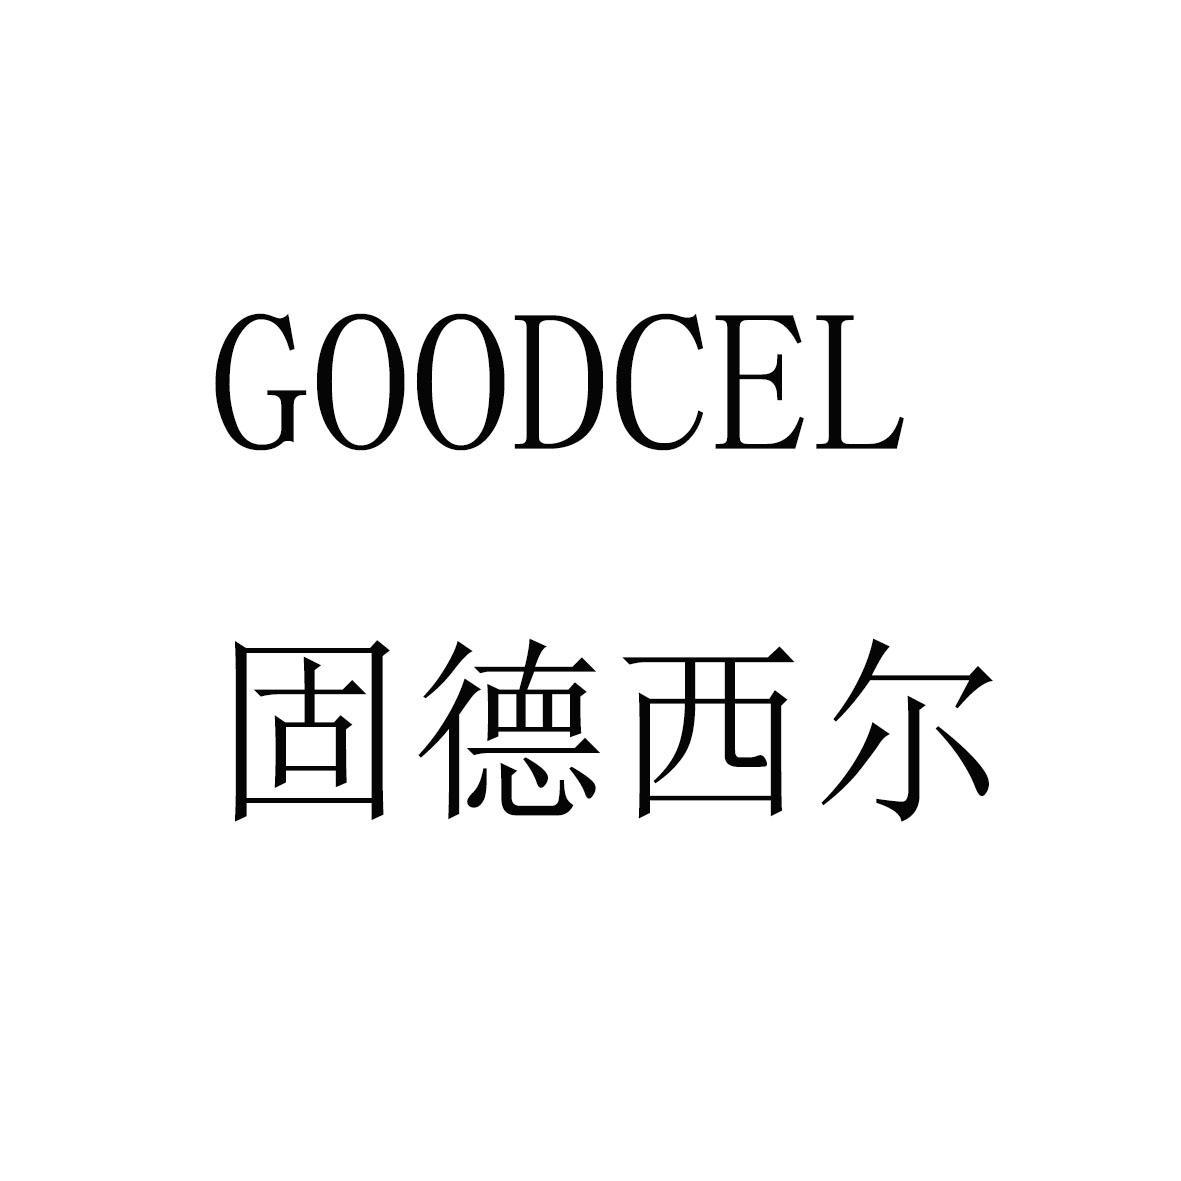 固德西尔 GOODCEL 商标公告